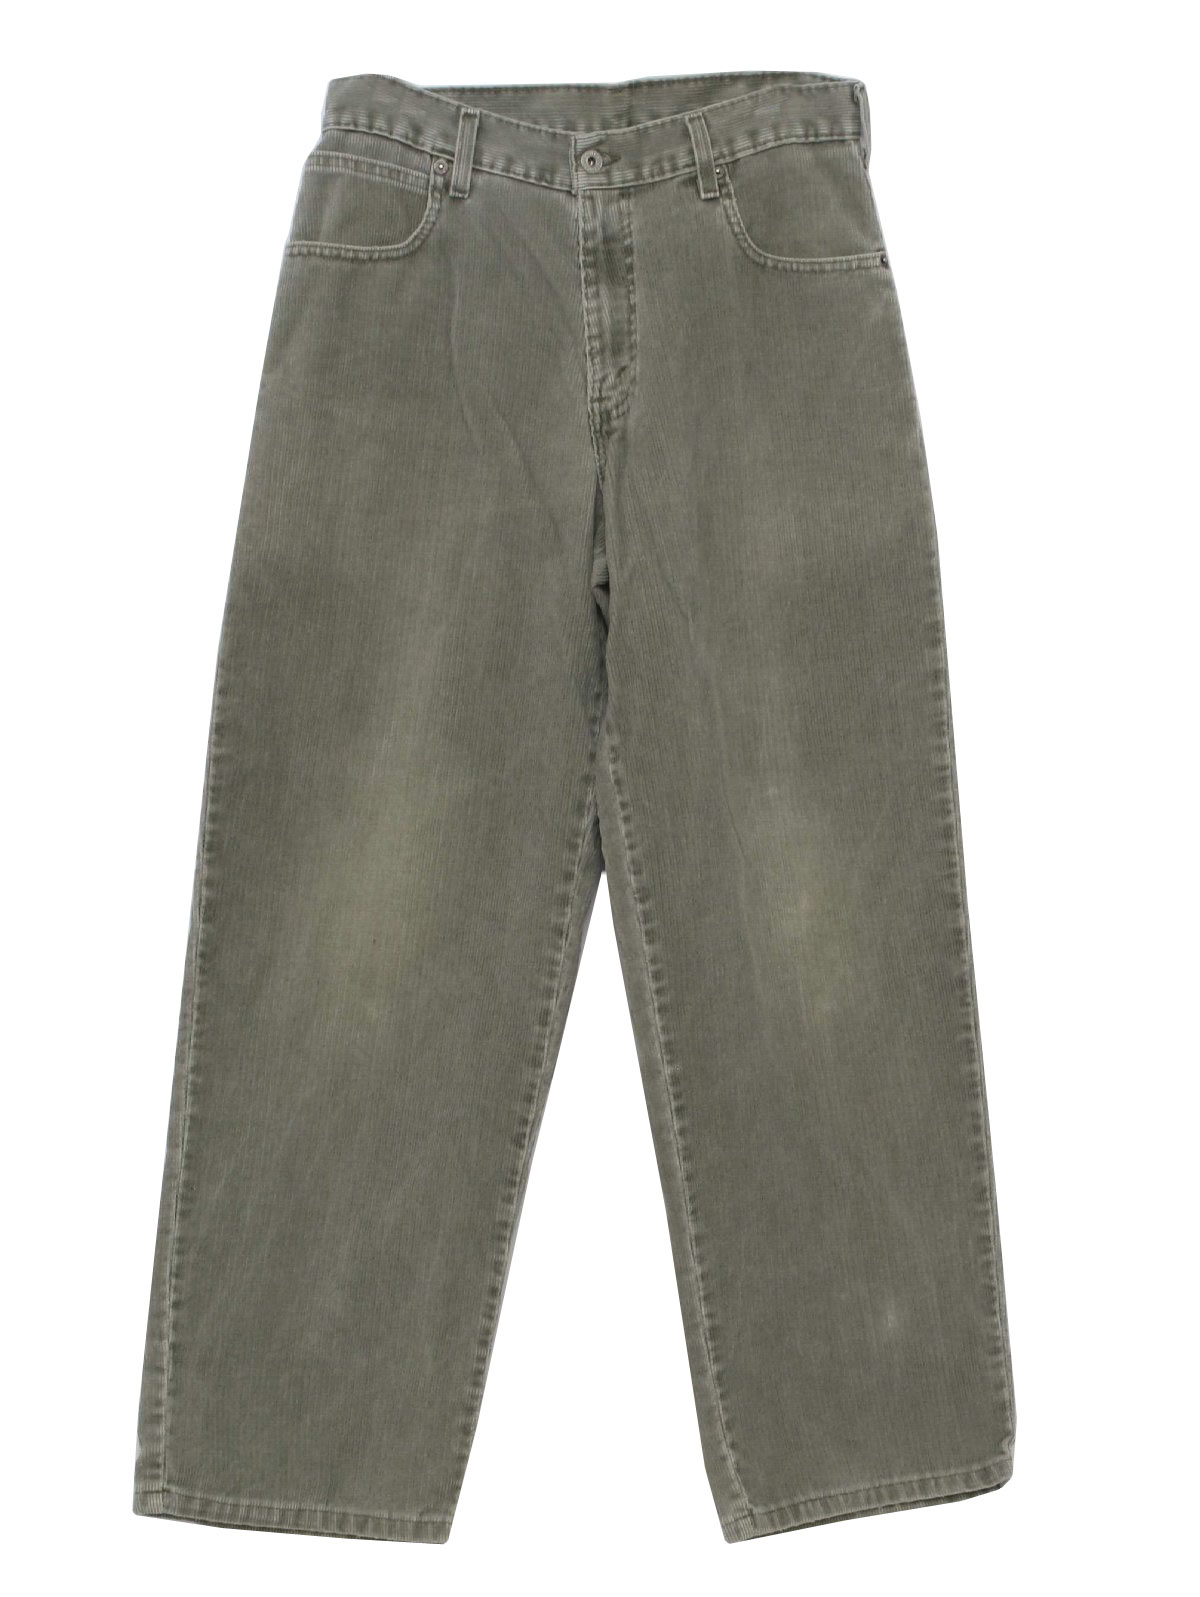 Levis Corduroy Jeans Womens